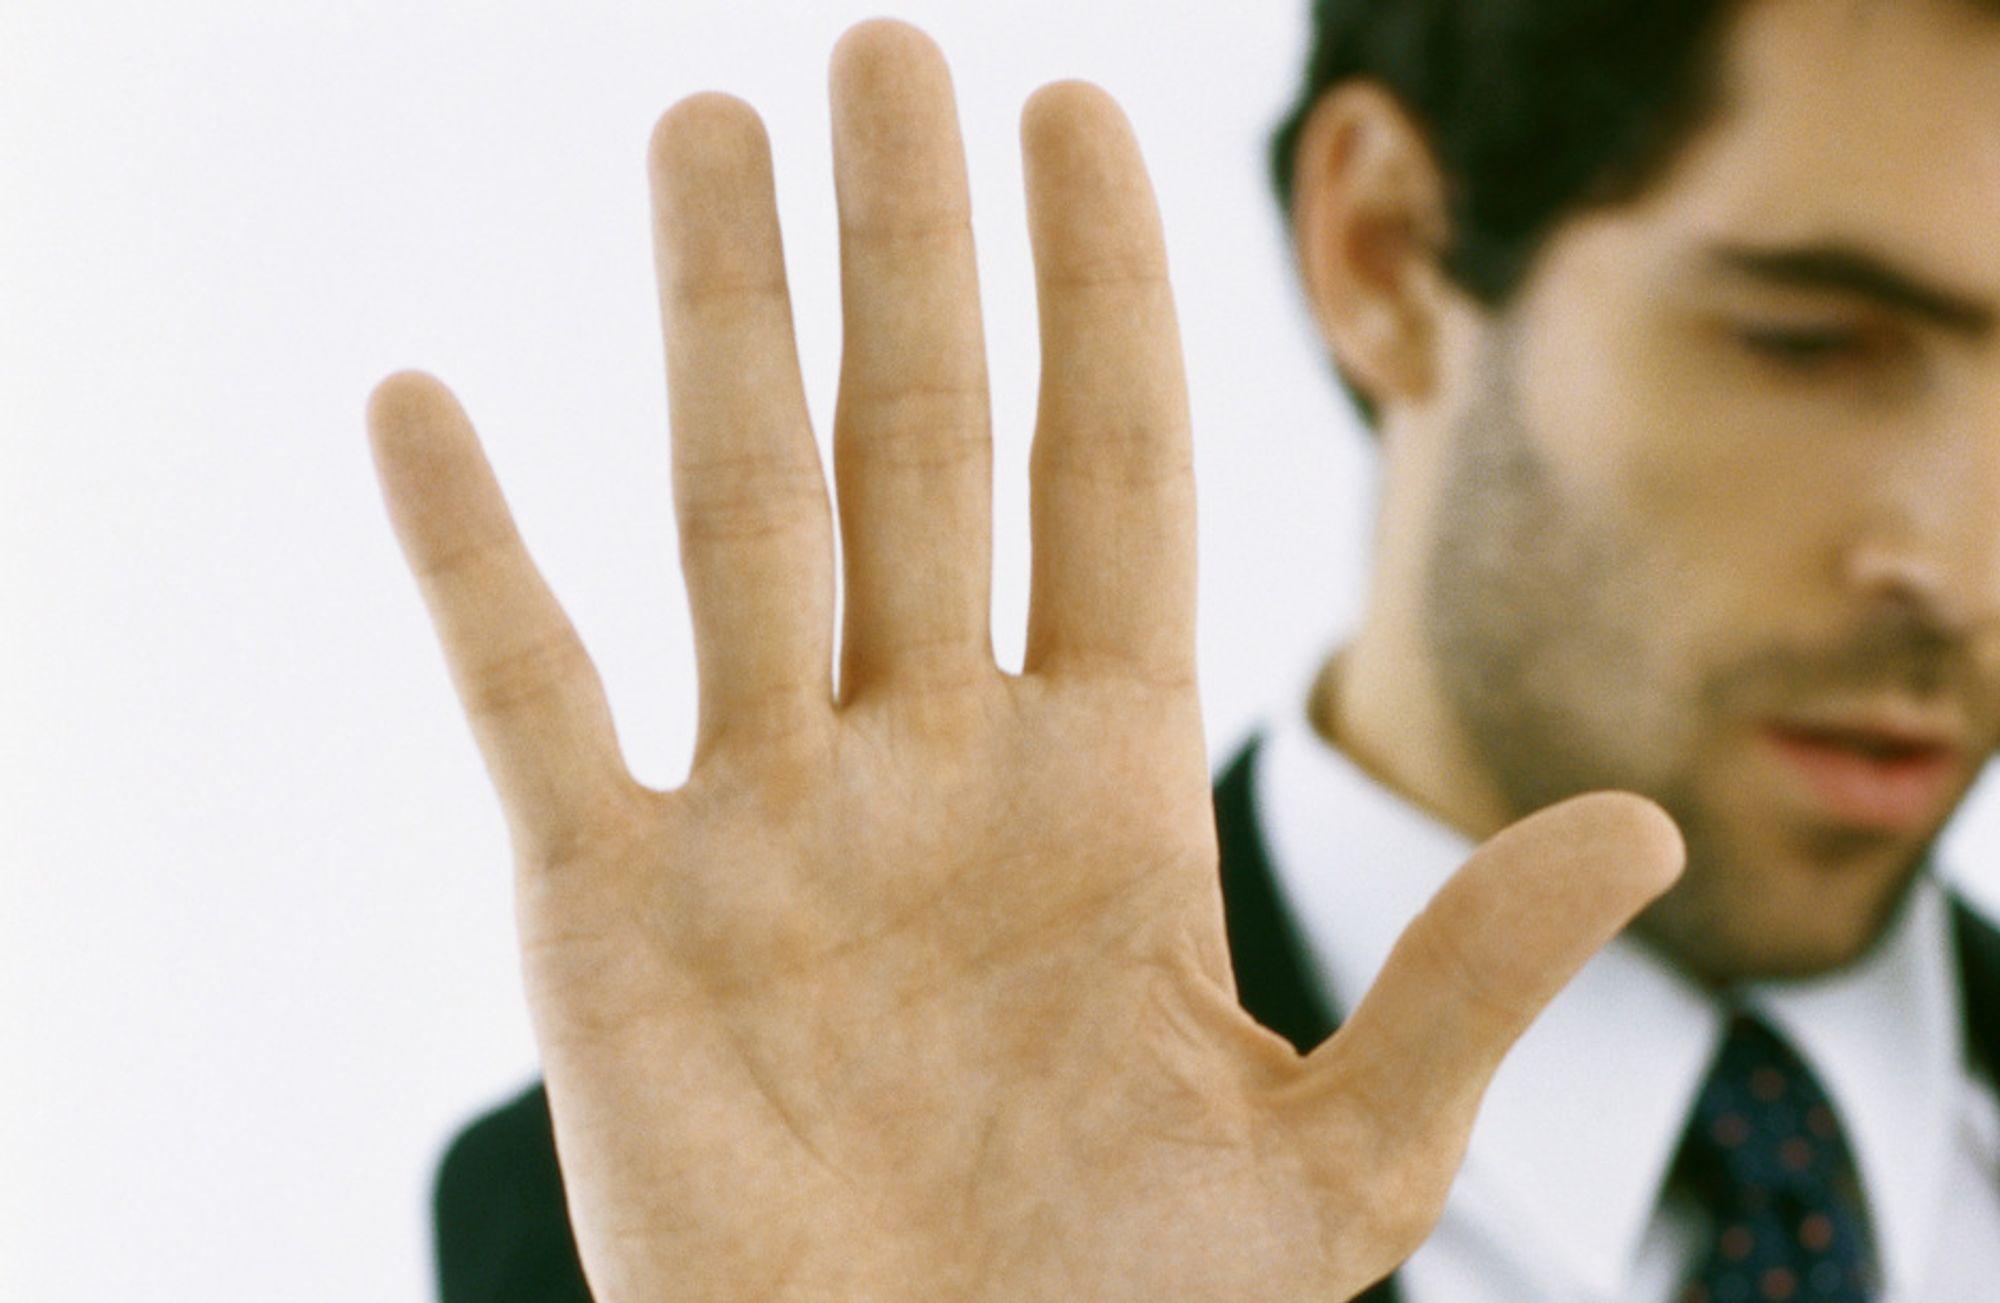 Bare i 2011 ligger det an til at 17.000 ansatte i offentlig sektor vil få sparken i Danmark.